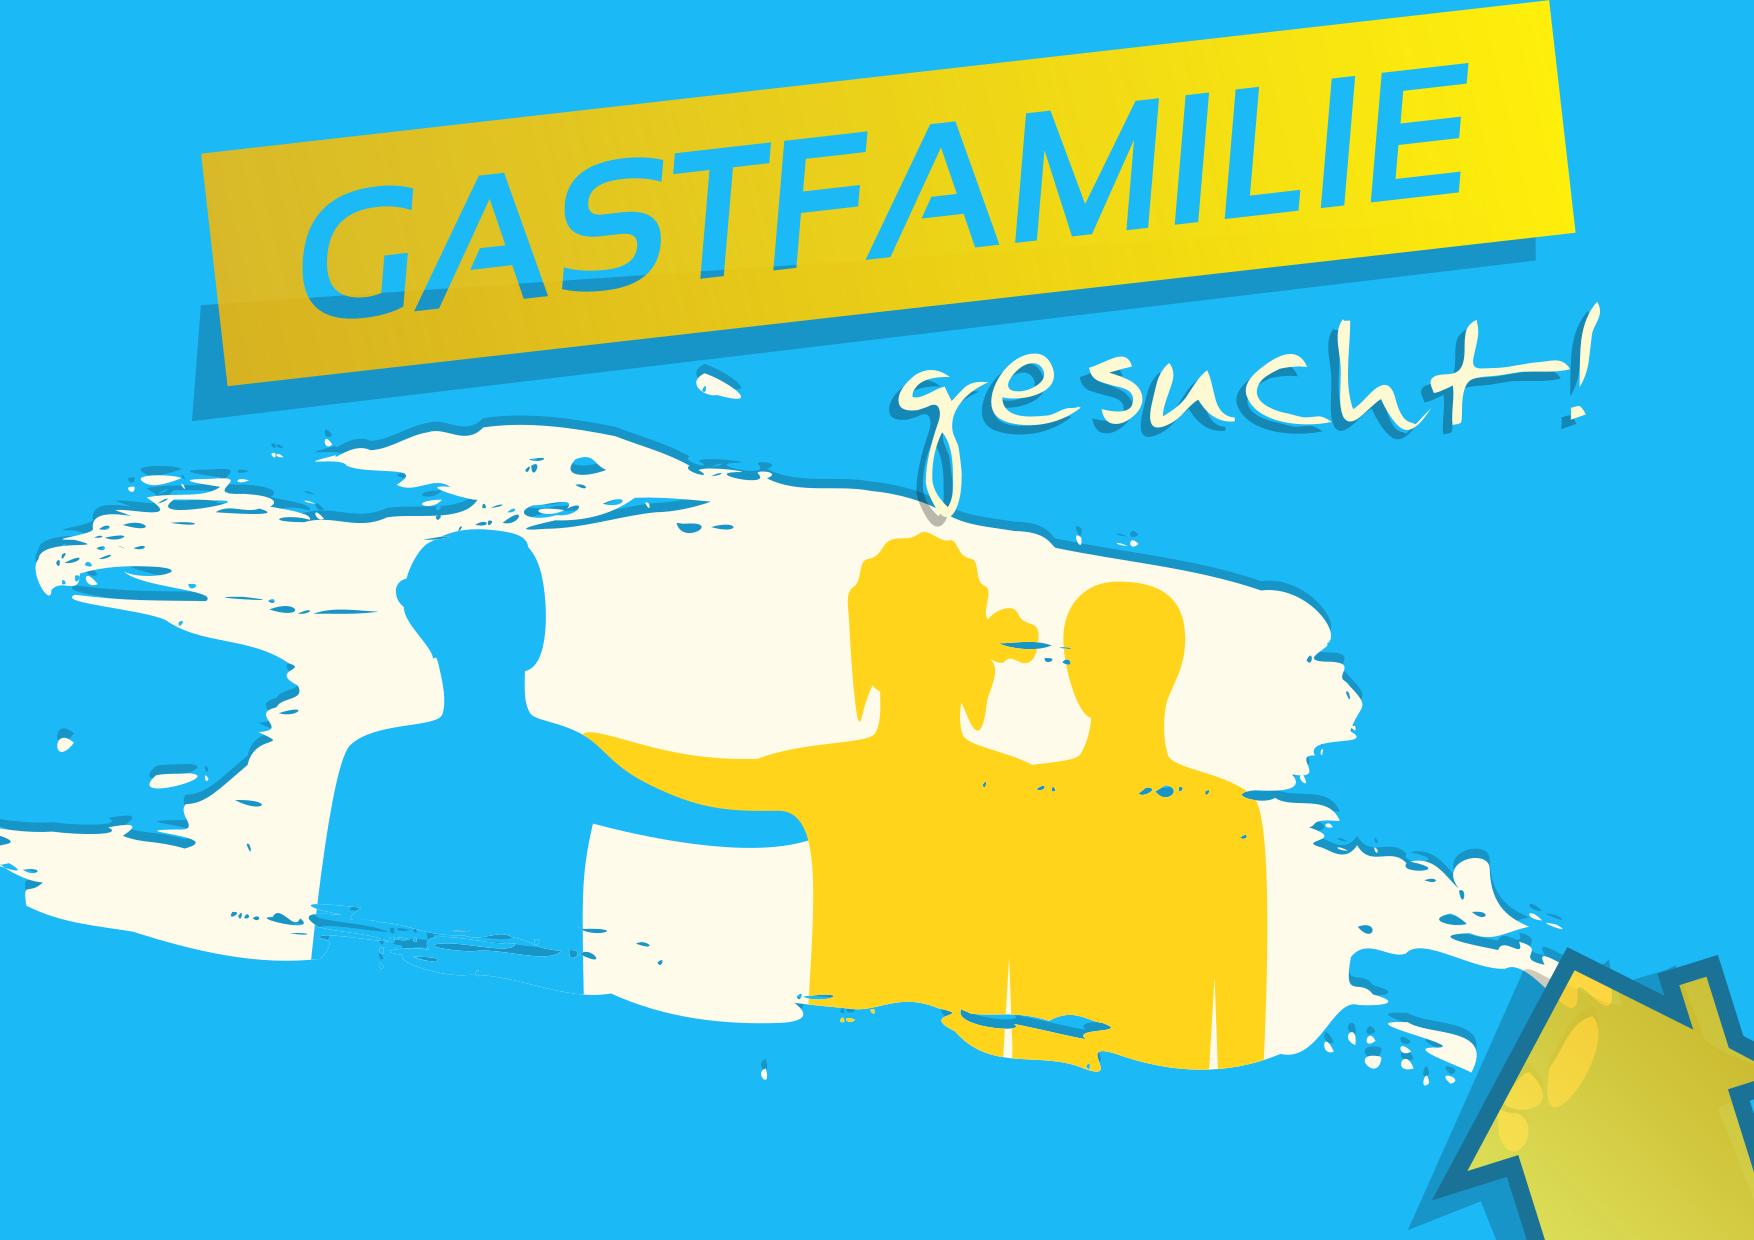 gastfamilie-gesucht-hd